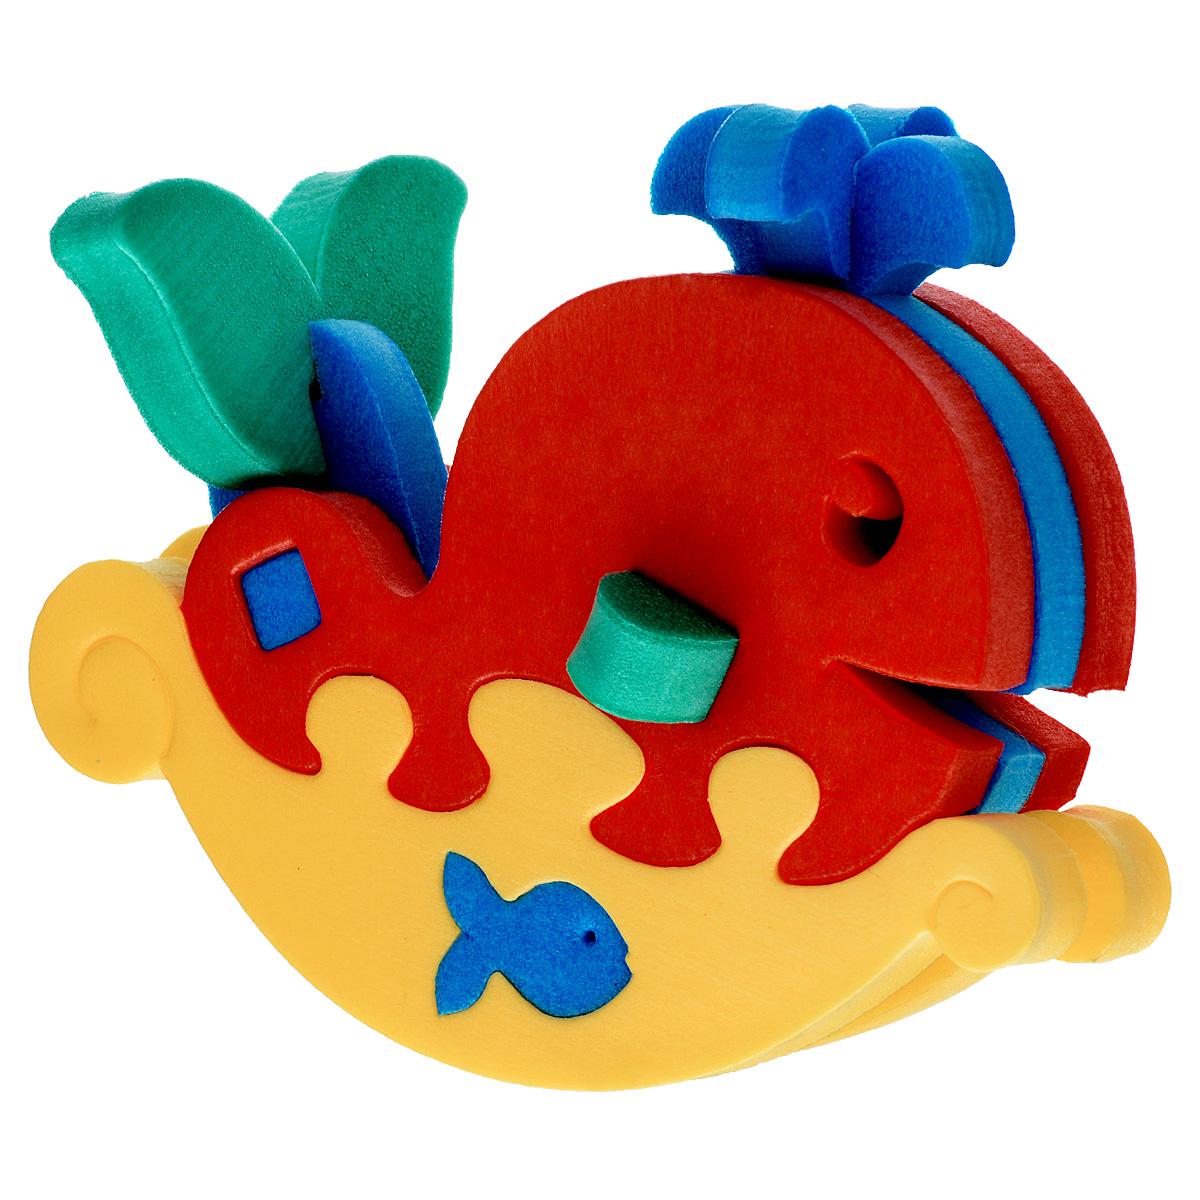 Флексика Мягкий конструктор Кит-качалка45481Игрушки серии Мягкие конструкторы выполнены из мягкого, прочного, нетоксичного, абсолютно безопасного материала. Мягкие конструкторы развивают у ребенка память, воображение, моторику, пространственное и логическое мышление. Обучение происходит во время игры. Благодаря особой структуре материала и свойству прилипать к мокрой поверхности, они являются идеальной игрушкой для ванны. Такие простые малышевые конструкторы не менее полезны чем взрослые. Они дают здоровую и интересную пищу для ума, и при этом безопасны в еще неумелых детских ручках. Производственная фирма Тедико зарекомендовала себя на рынке отечественных товаров как производитель высококачественных конструкторов и мозаик серии Флексика. Богатый ассортимент включает в себя игрушки для малышей и детей старшего возраста. УВАЖАЕМЫЕ КЛИЕНТЫ! Обращаем ваше внимание на возможные изменения в дизайне, связанные с ассортиментом продукции: цвет изделия или отдельных...